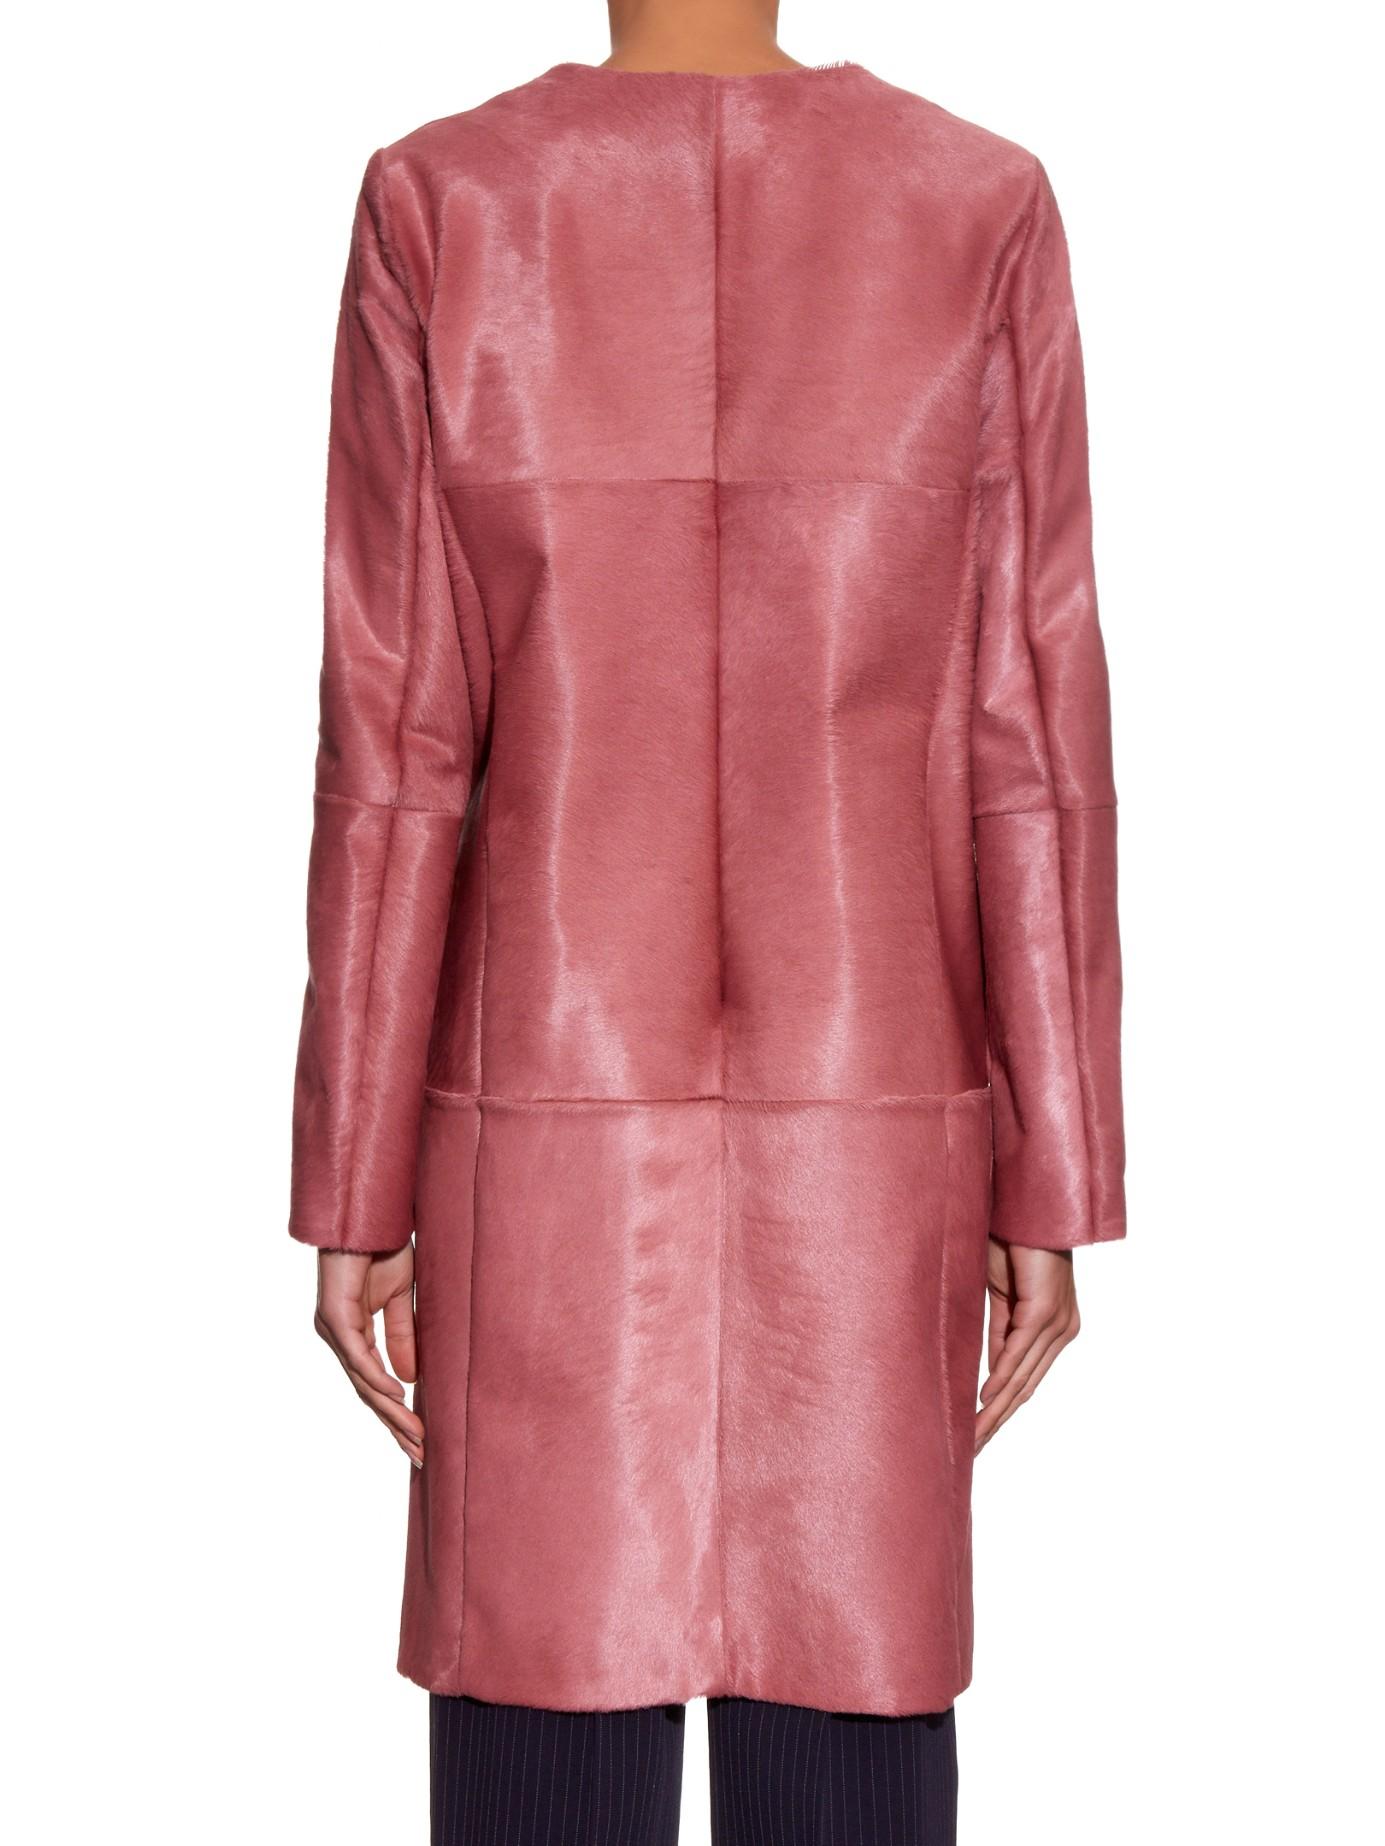 Max mara Sorriso Coat in Pink | Lyst